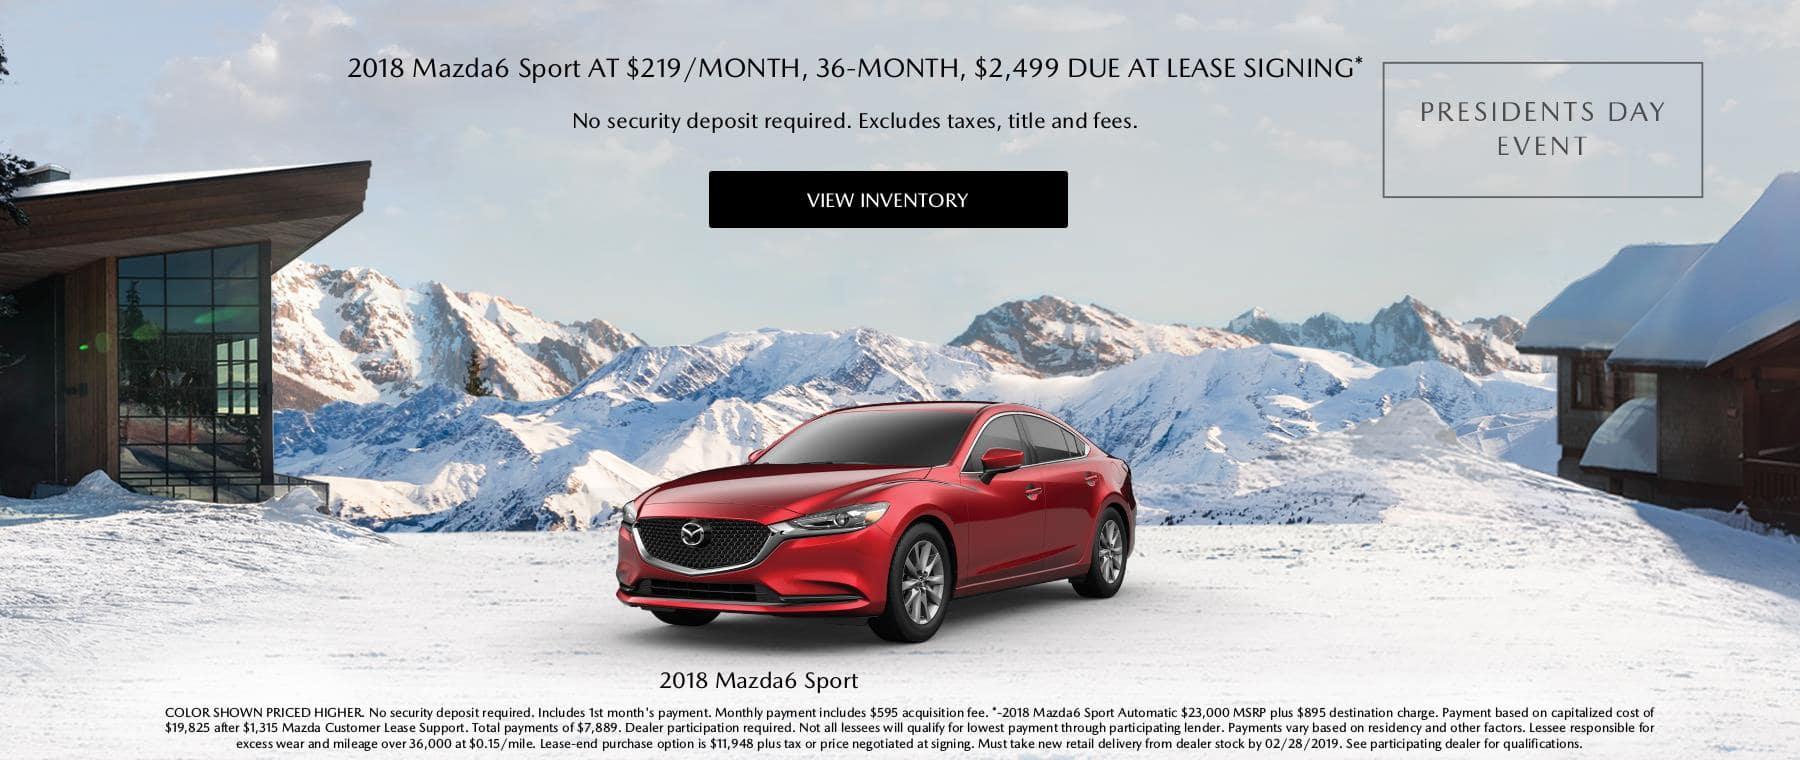 MY18_Mazda6_219_36_2499